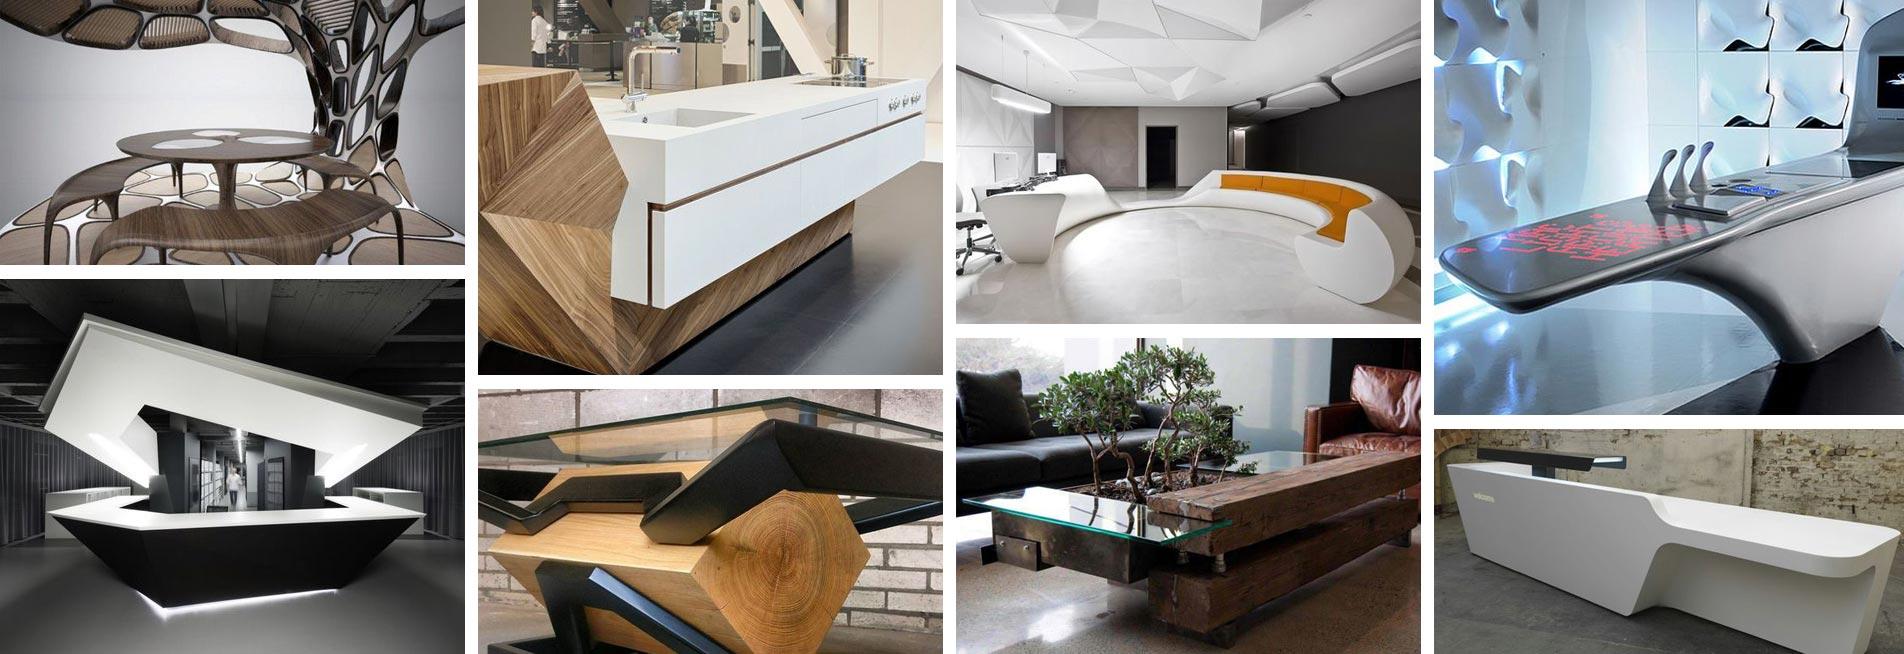 meble designerskie lampy dzieła sztuki indywidualne projekty na zamówienie